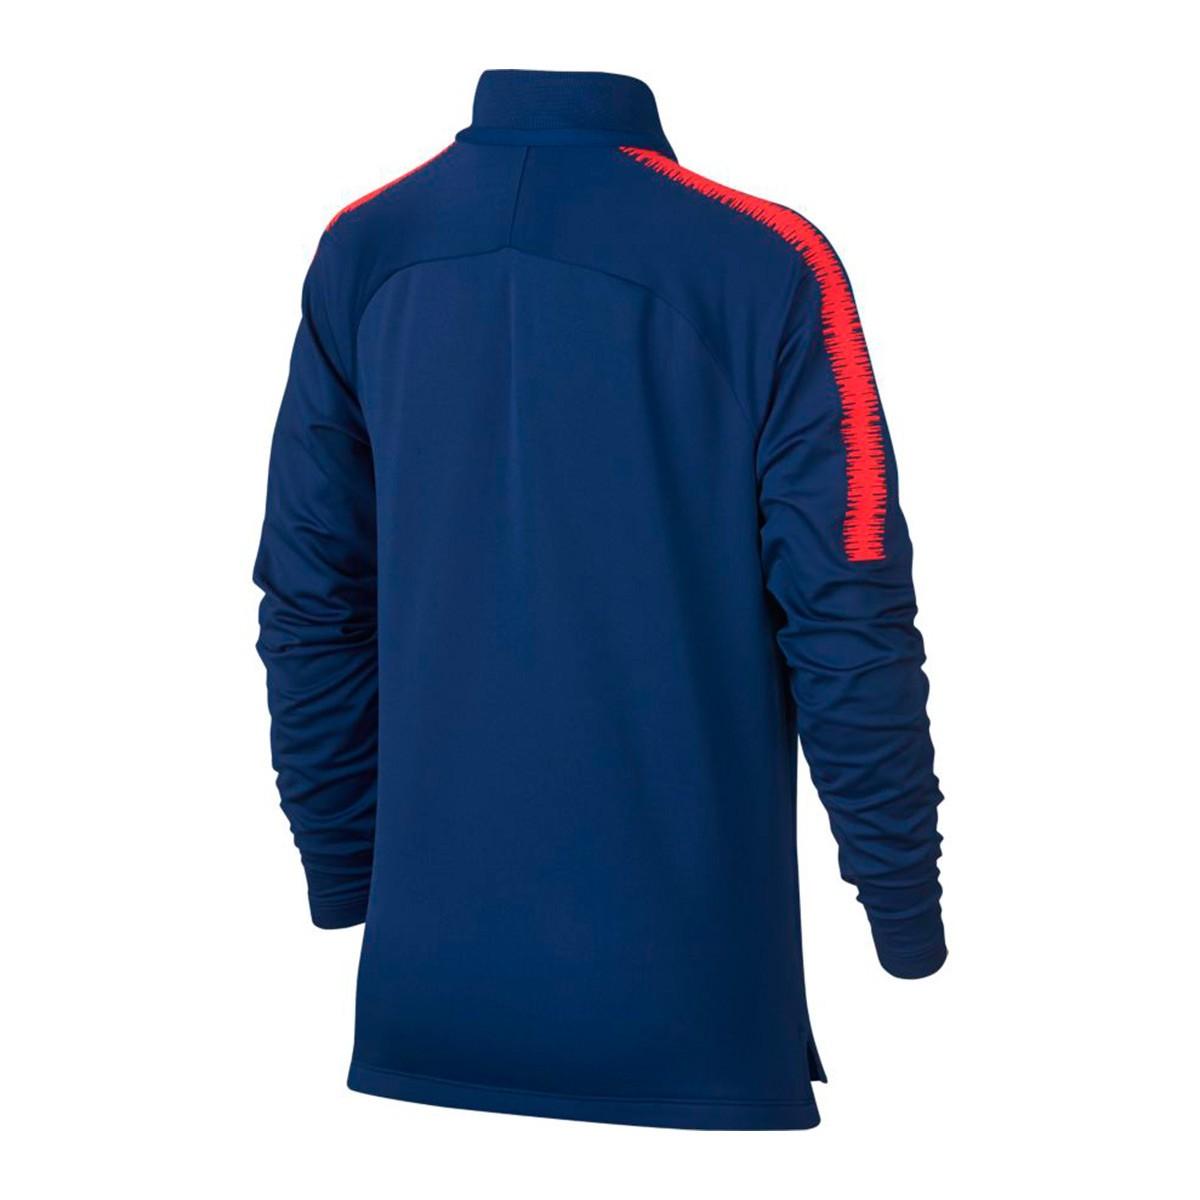 De Madrid 2018 2019 Nike Sudadera Royal Atlético Squad Dry Niño Deep EZ6SOwRq